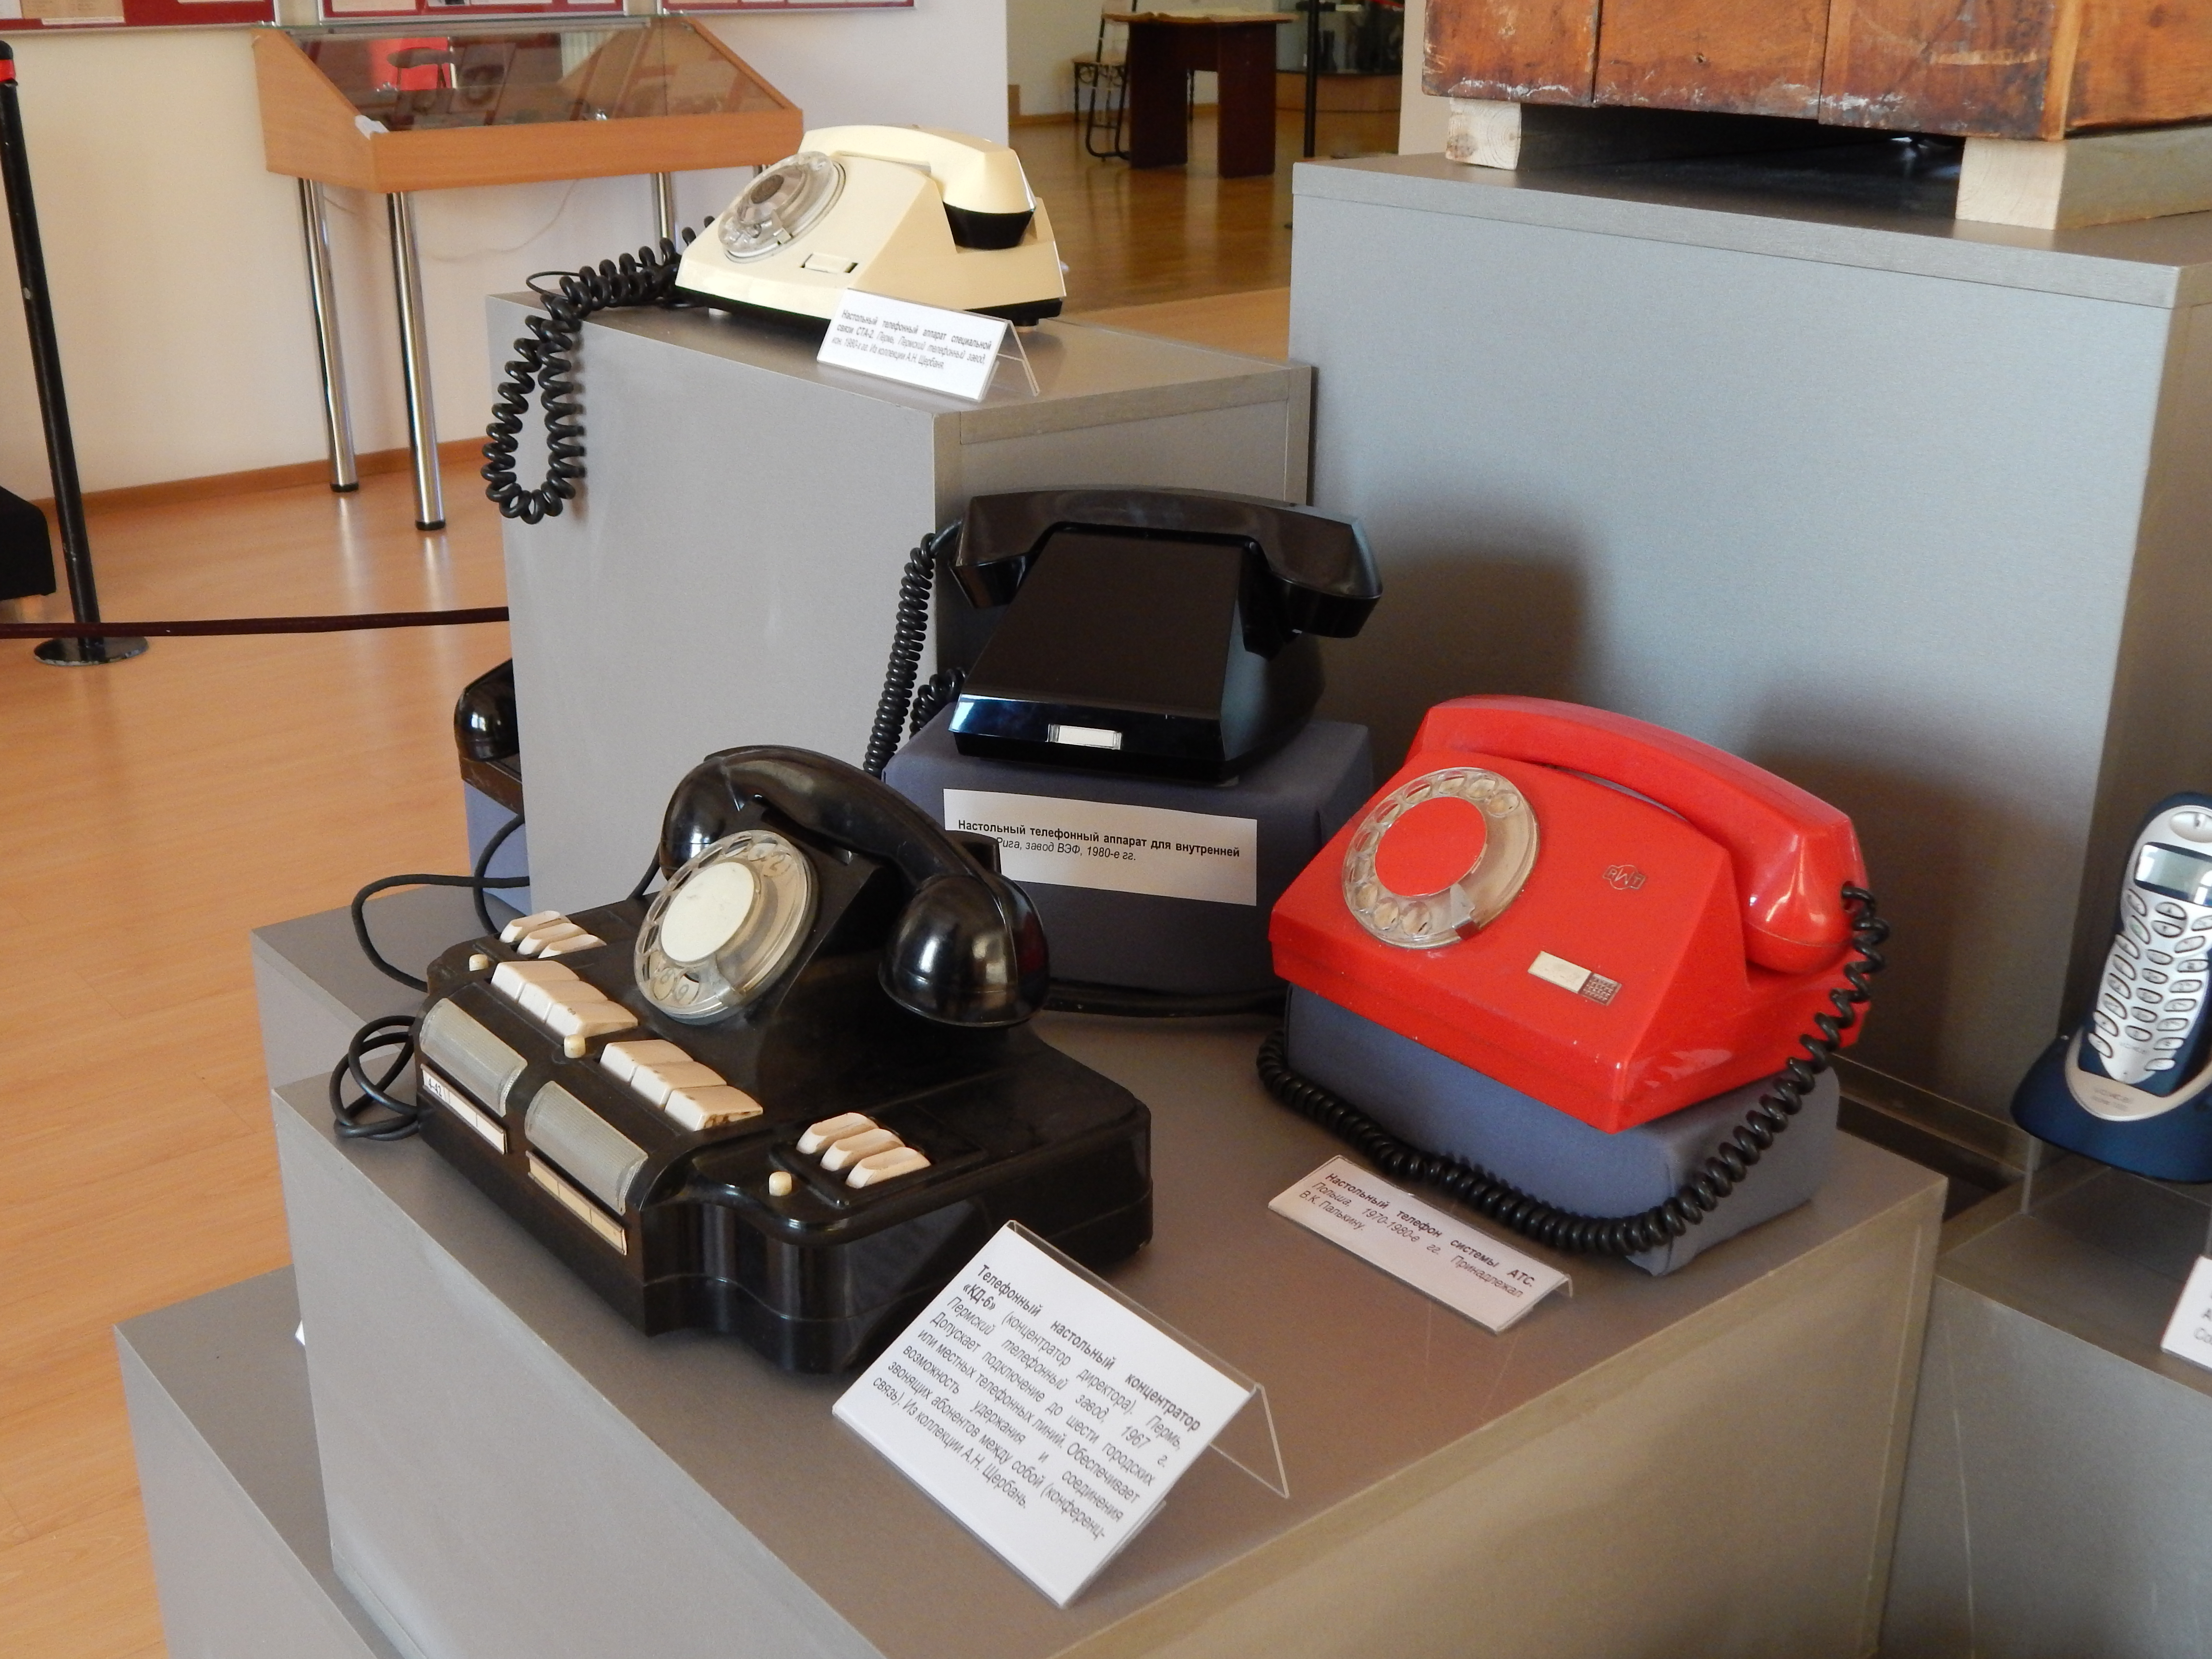 Узнать больше о развитии телефонной связи в Благовещенске можно на тематической выставке в Амурском областном краеведческом музее.